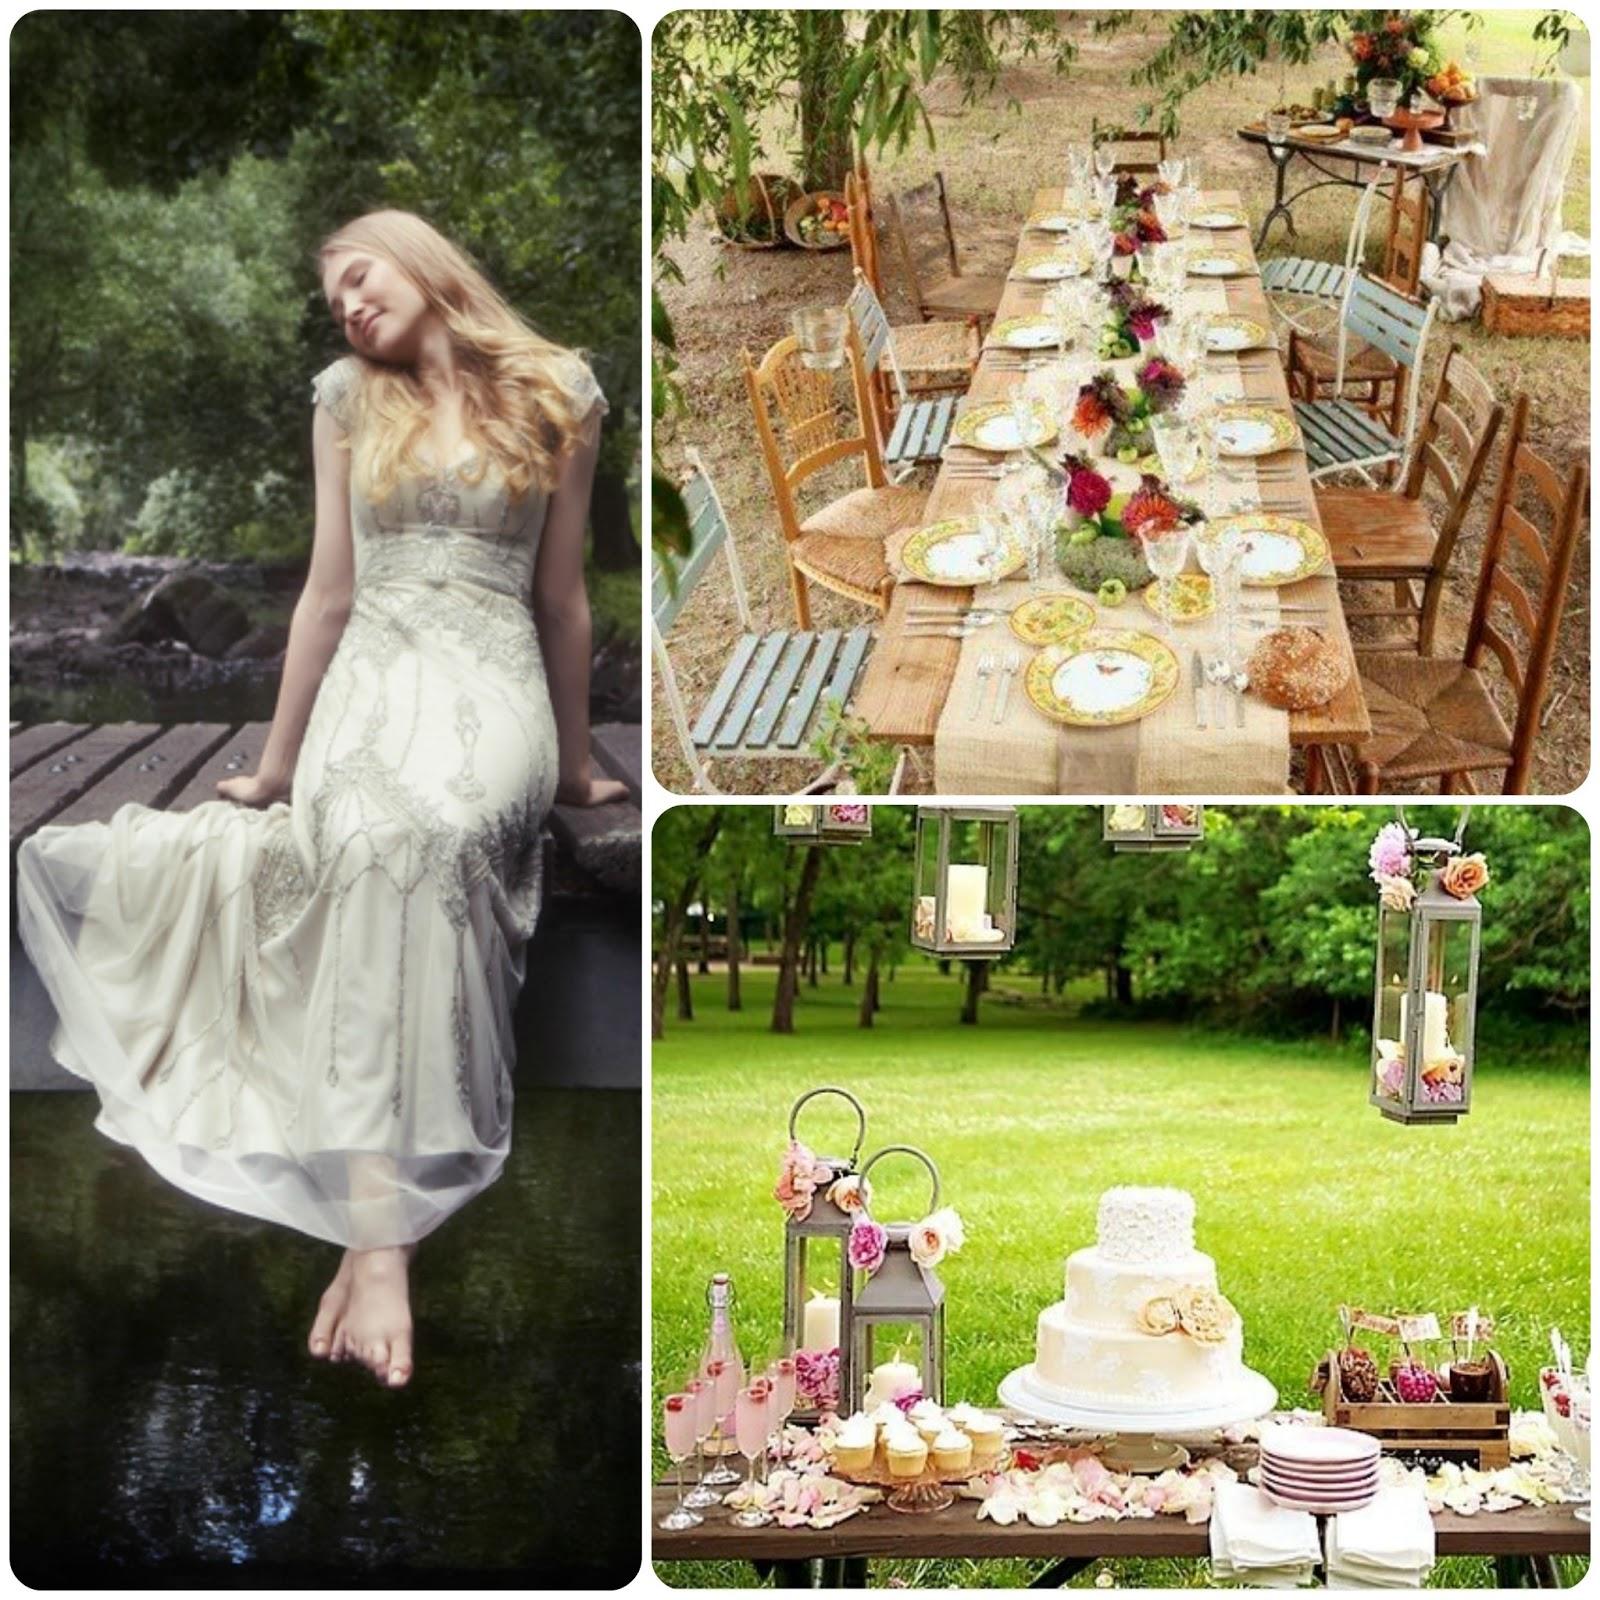 Matrimonio Tema Natura : Le nozze di livia natural chic